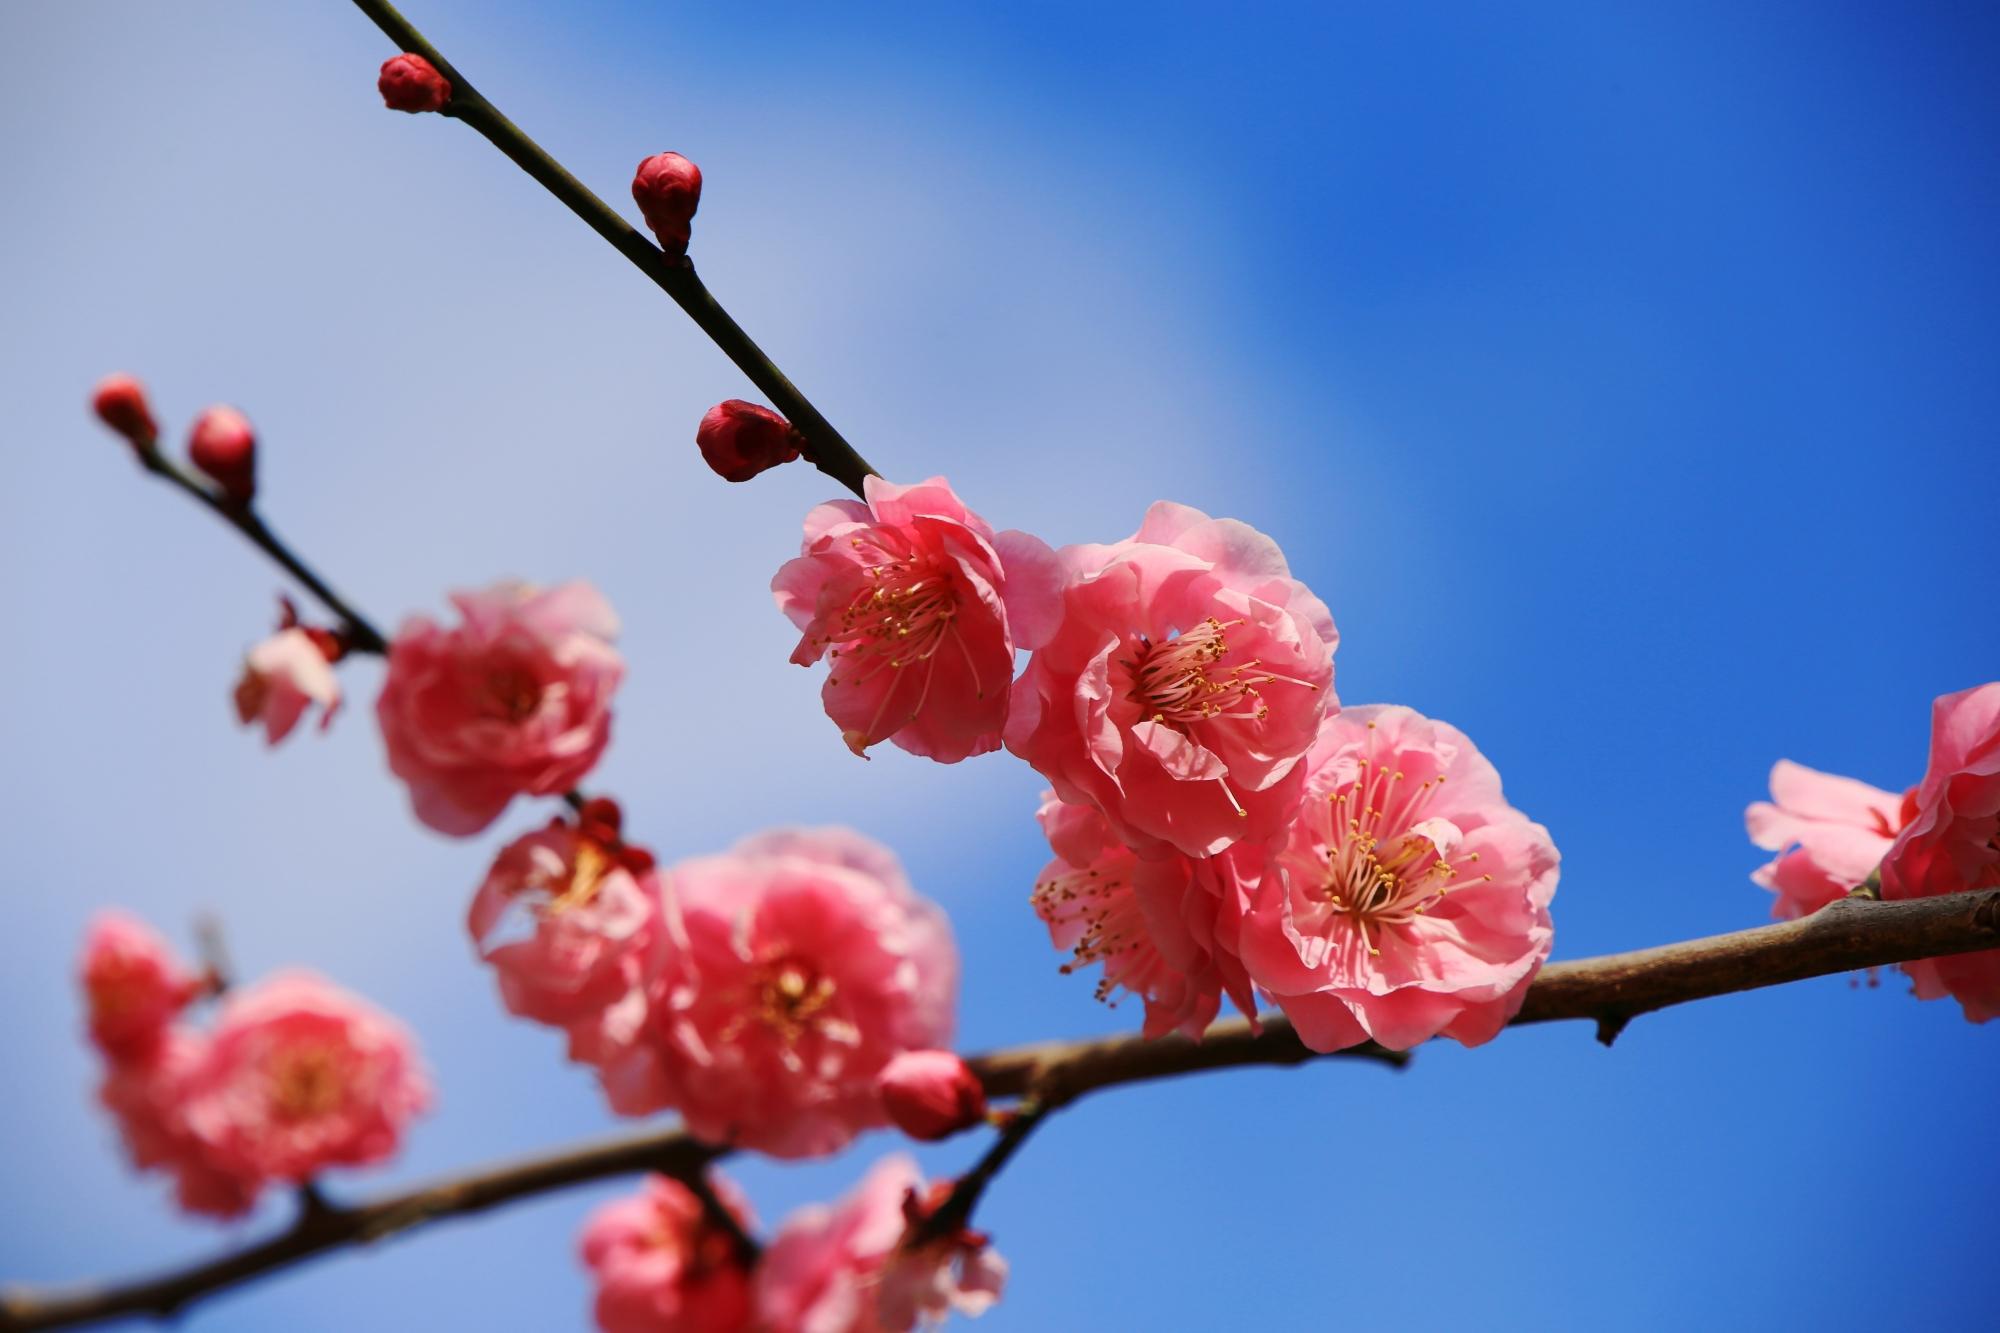 一つ一つの花は非常に繊細な造りの見事なピンク色の梅の花